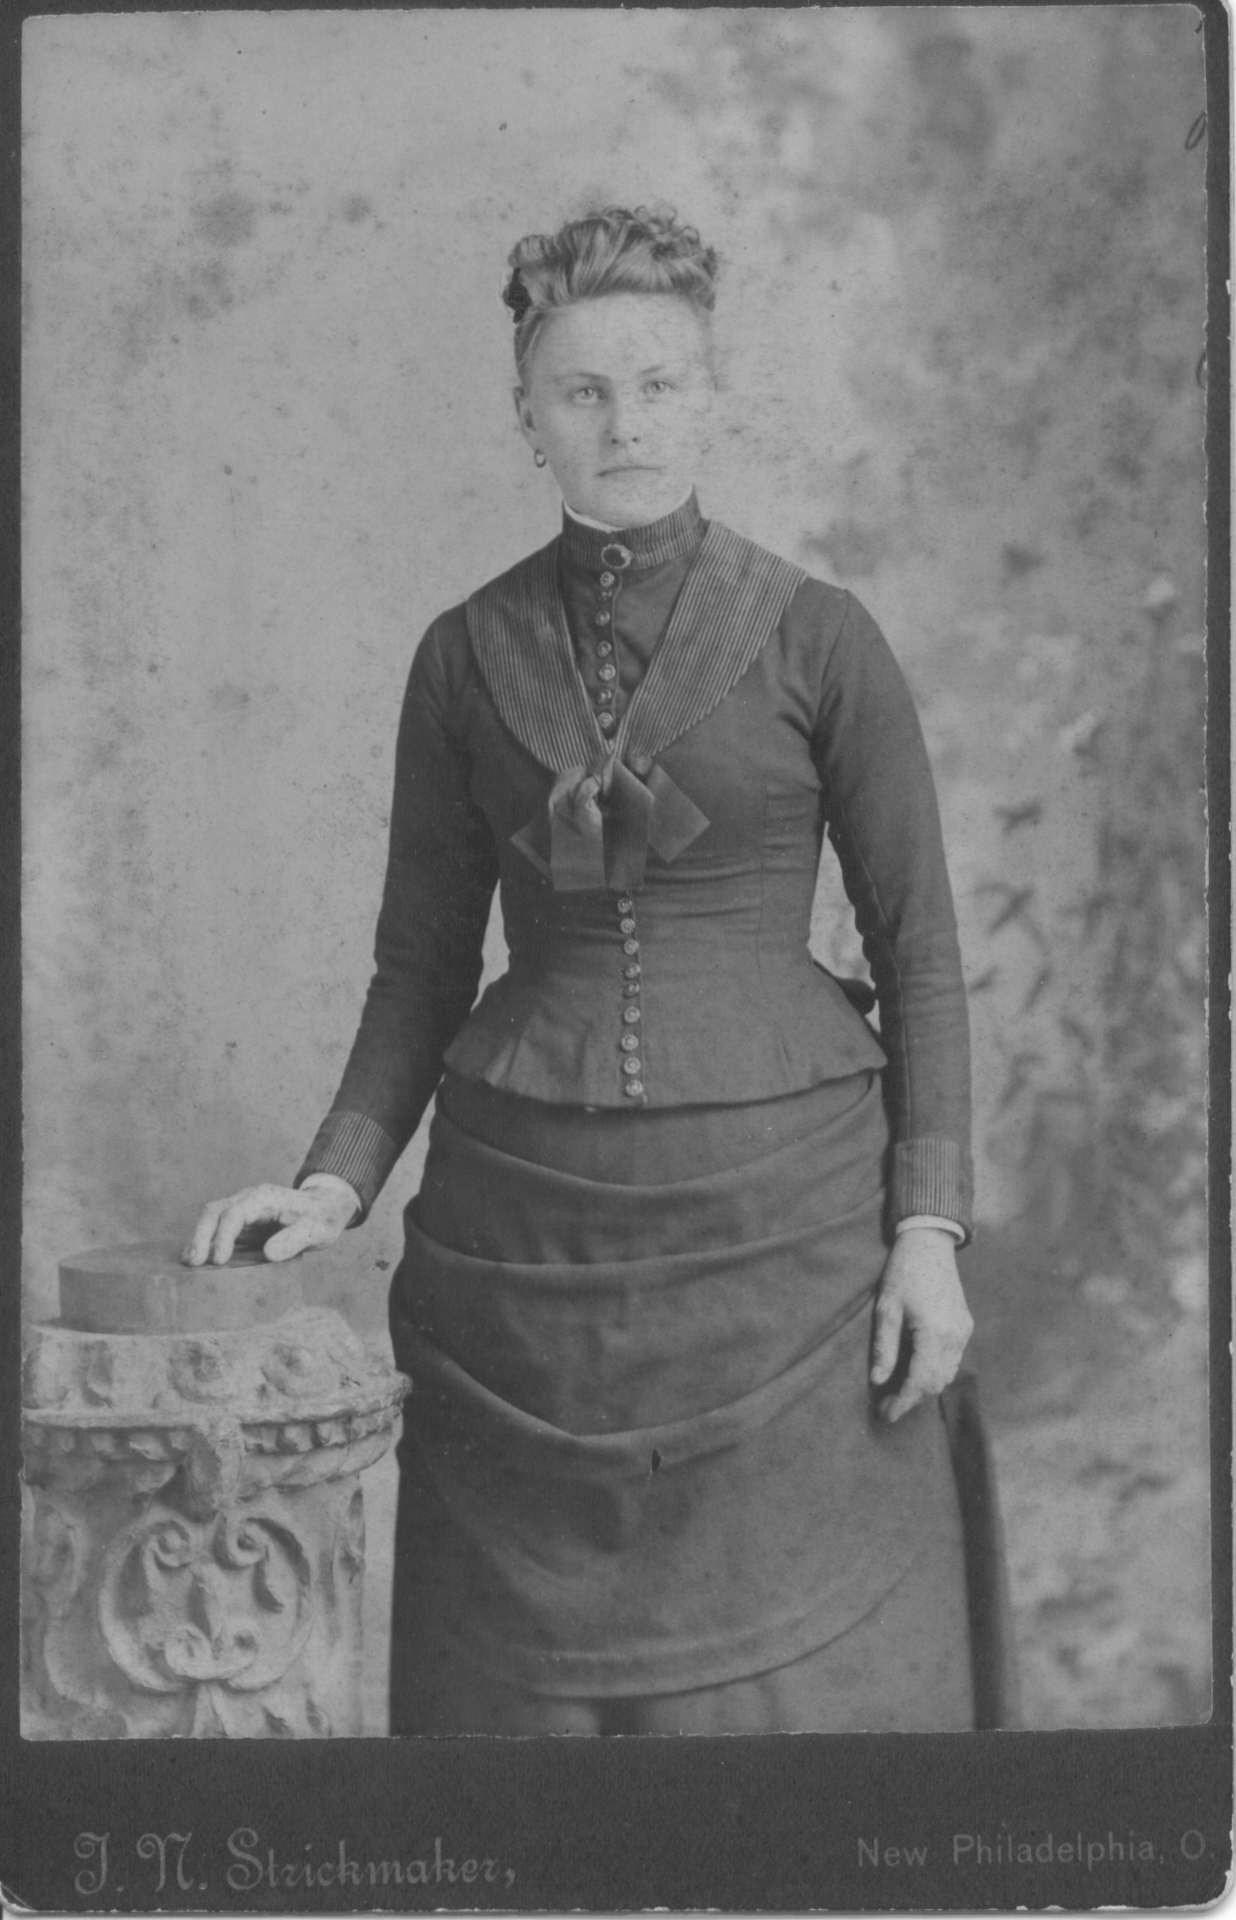 Catherine W Stahl